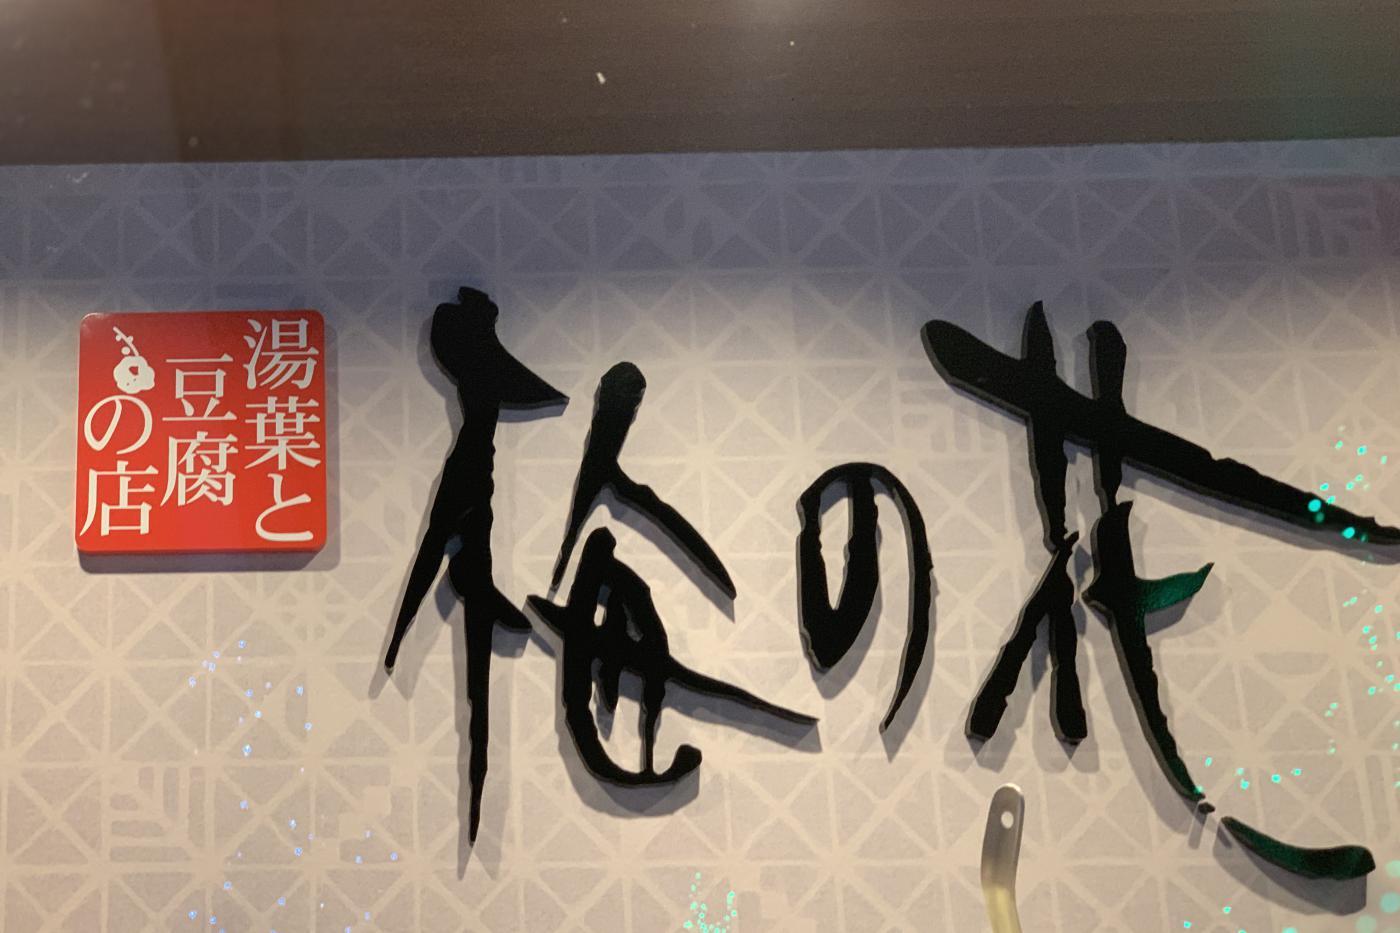 「梅の花」横浜の店舗情報まとめ!スカイビル店からの絶景はおすすめ!